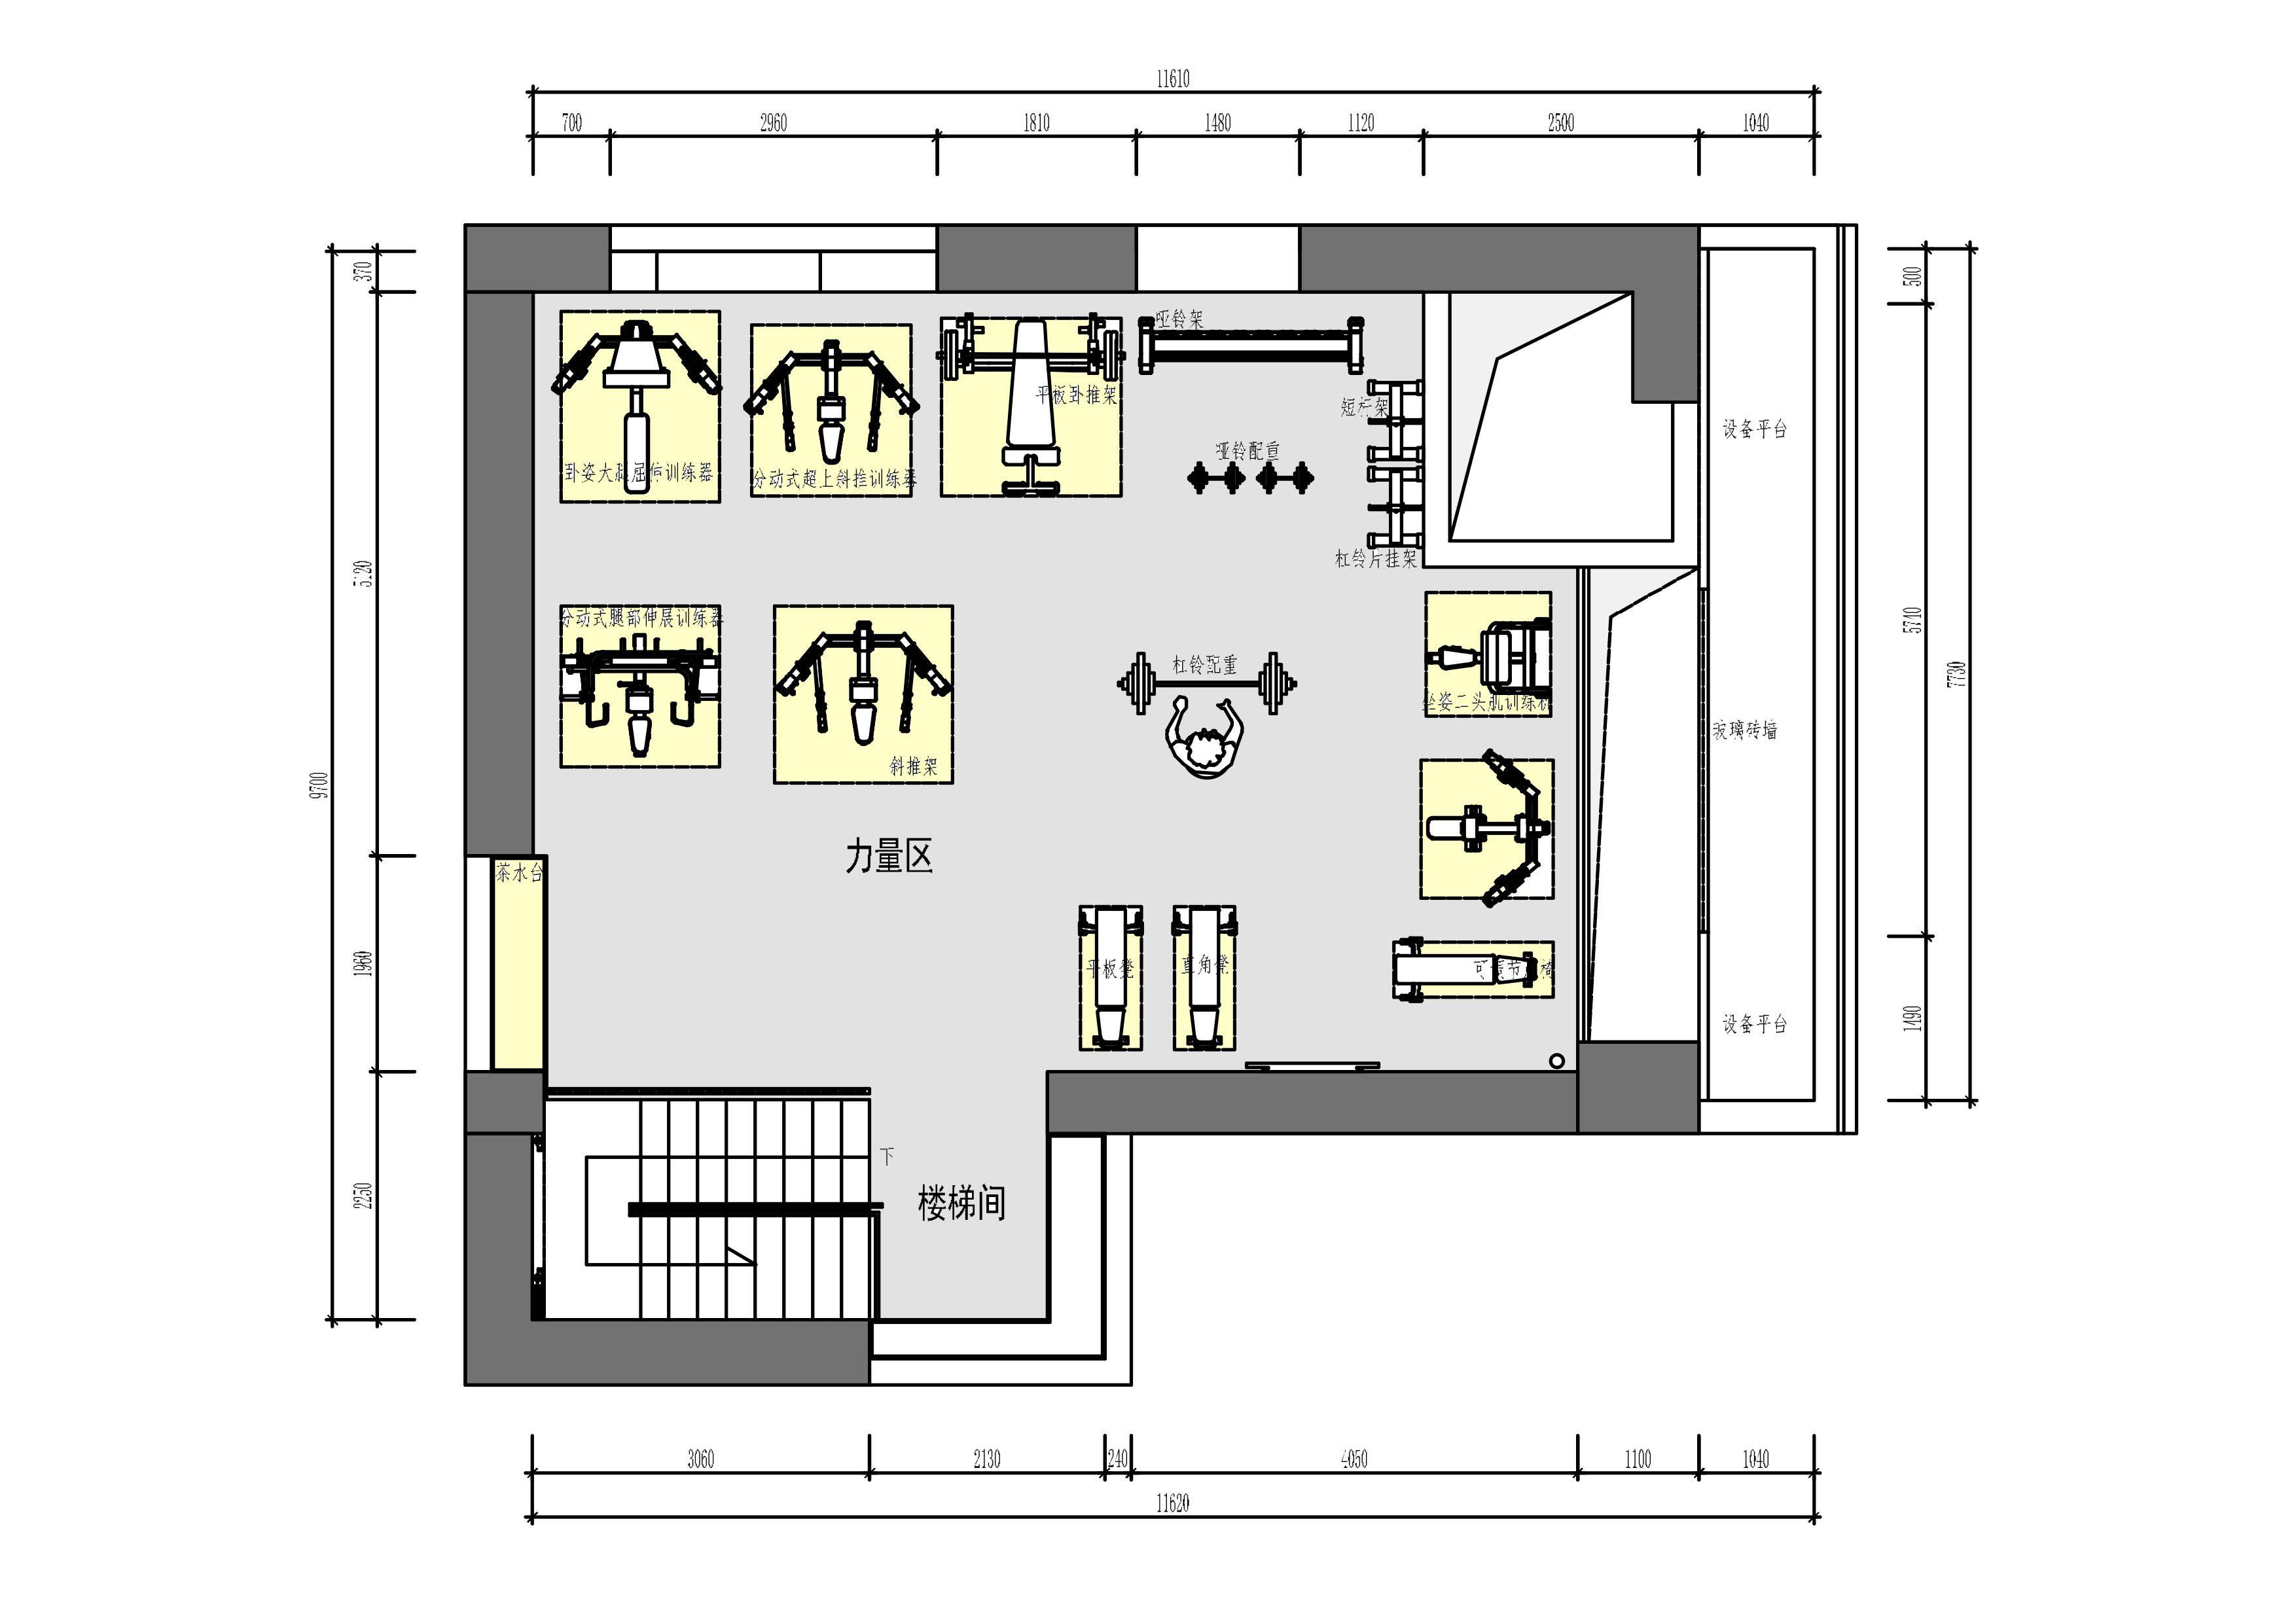 健身房 - 商业空间 - 第10页 - 陈熠设计作品案例